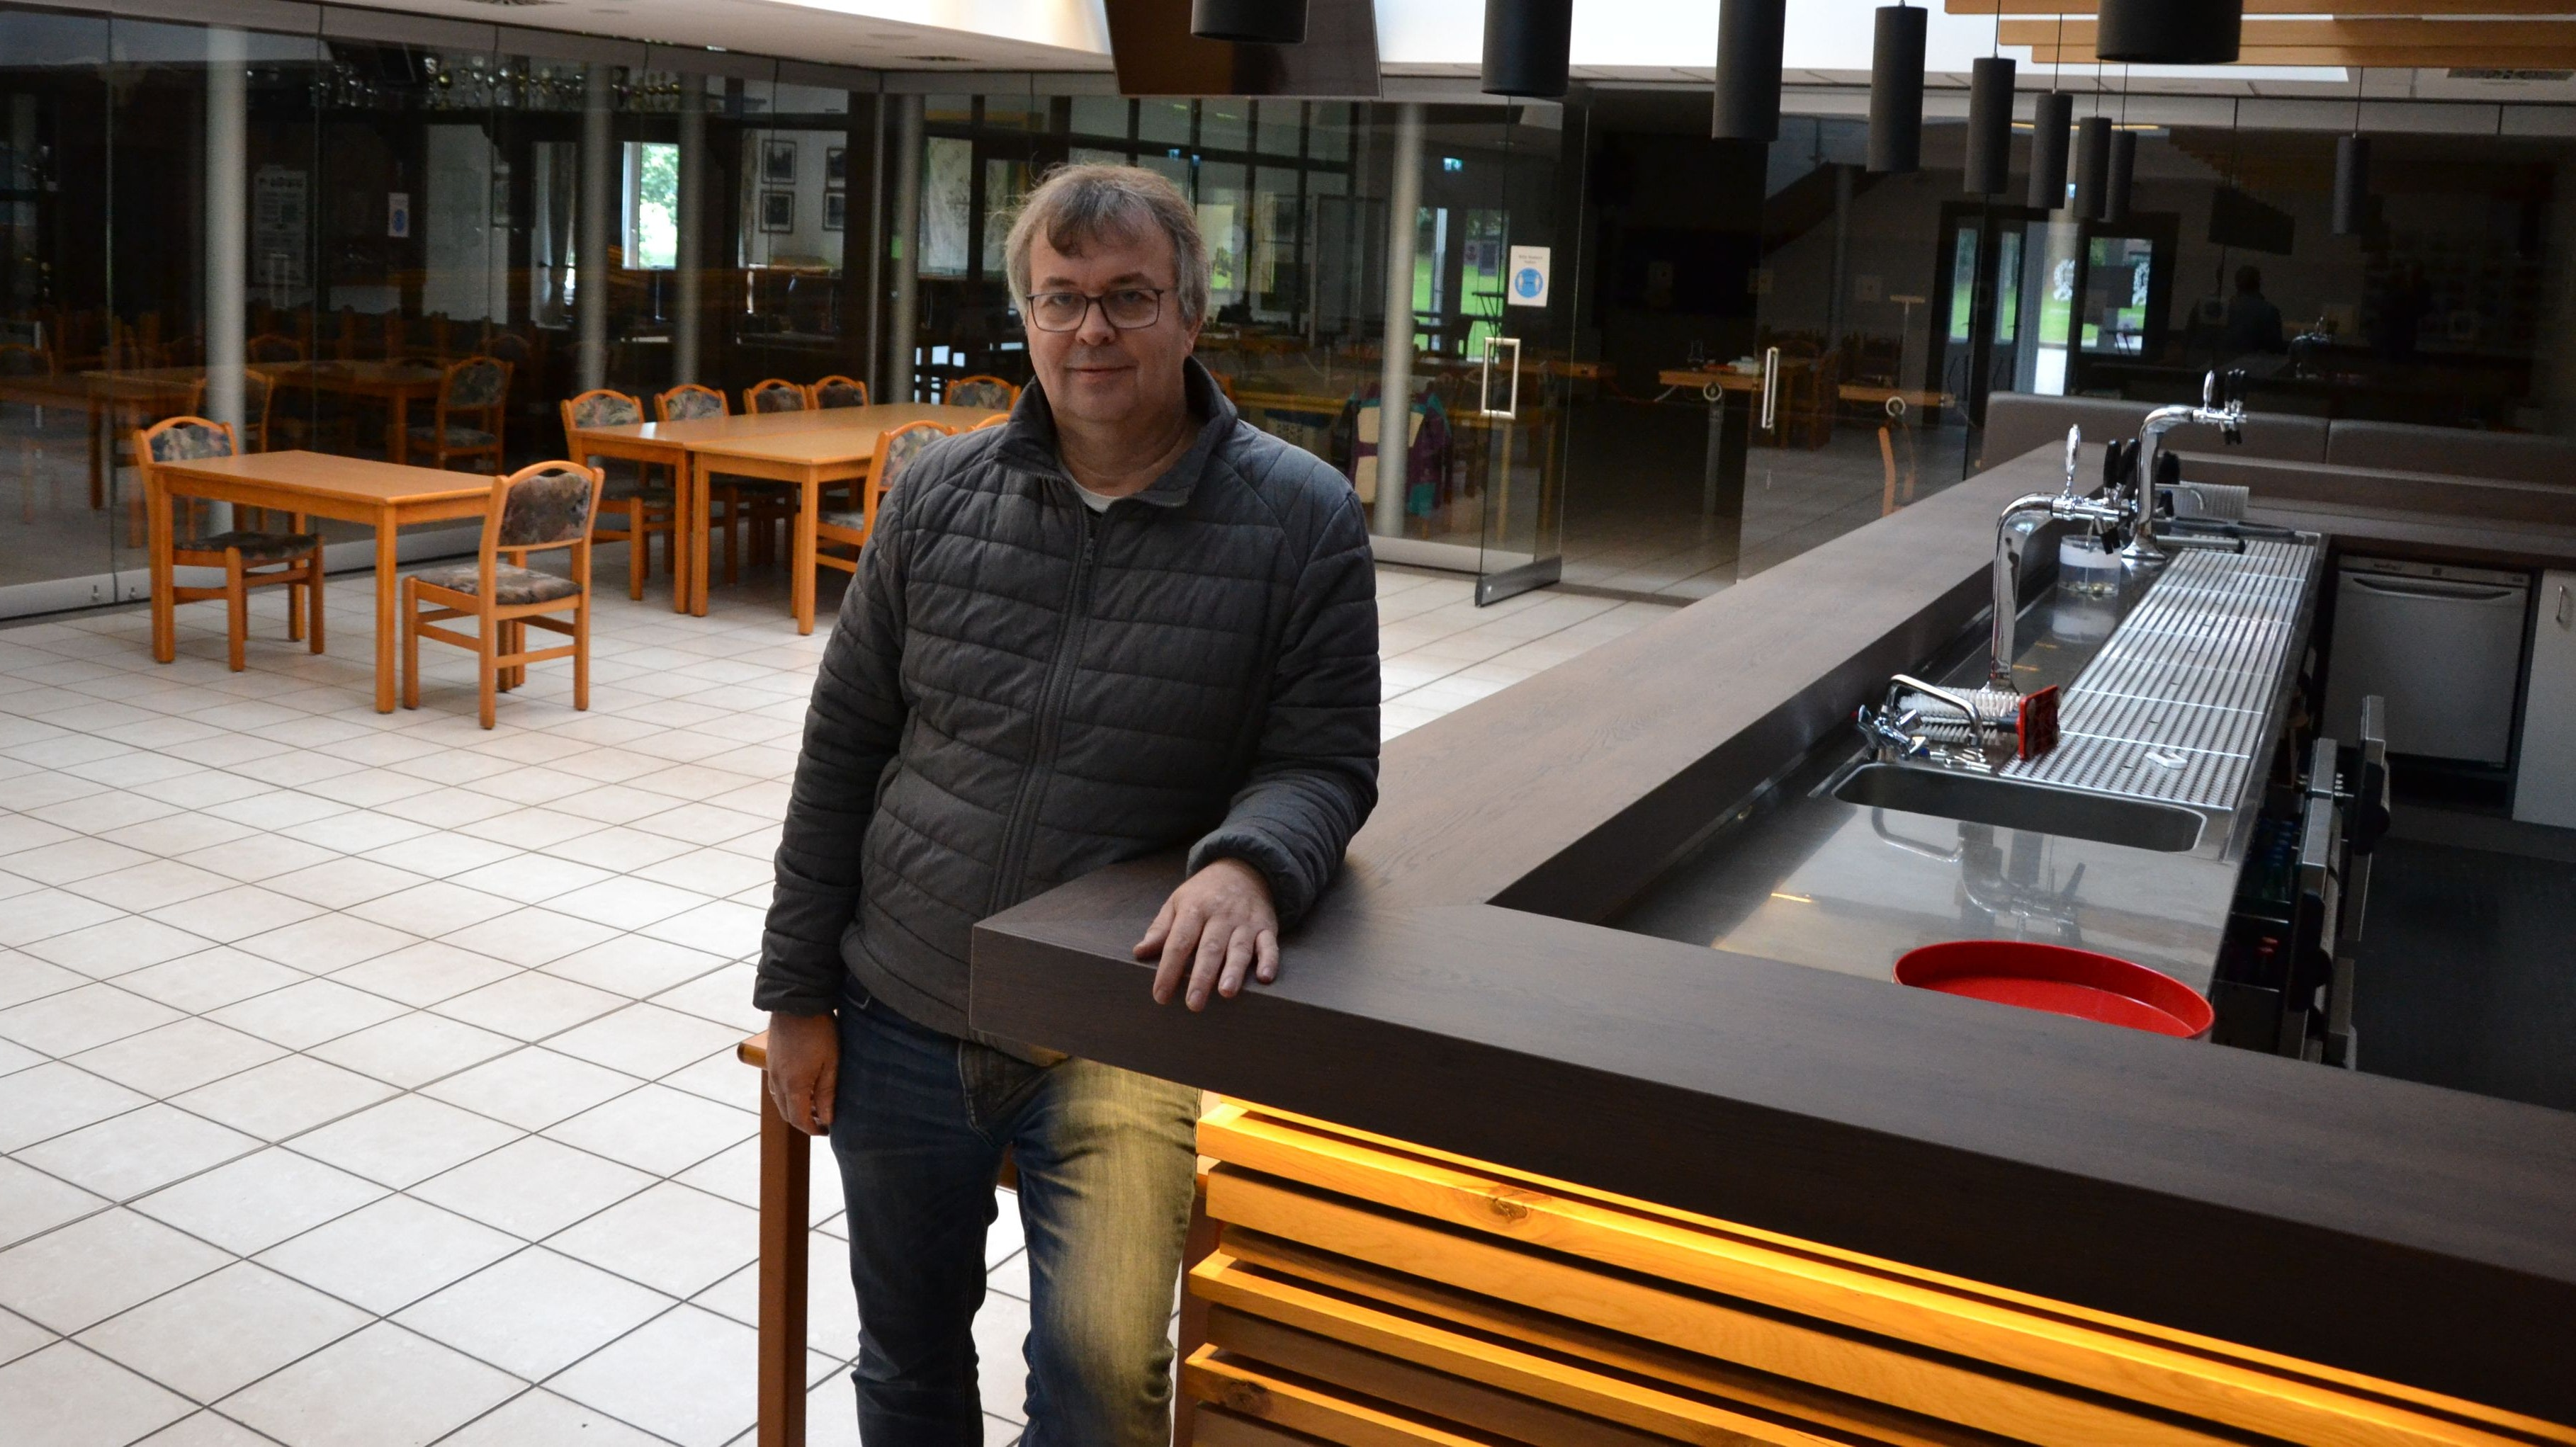 Warten auf den Neustart: Vereinsvorsitzender Stefan Ostermann kann derzeit keine Aktiven im Schützenhaus begrüßen. Foto: Meyer